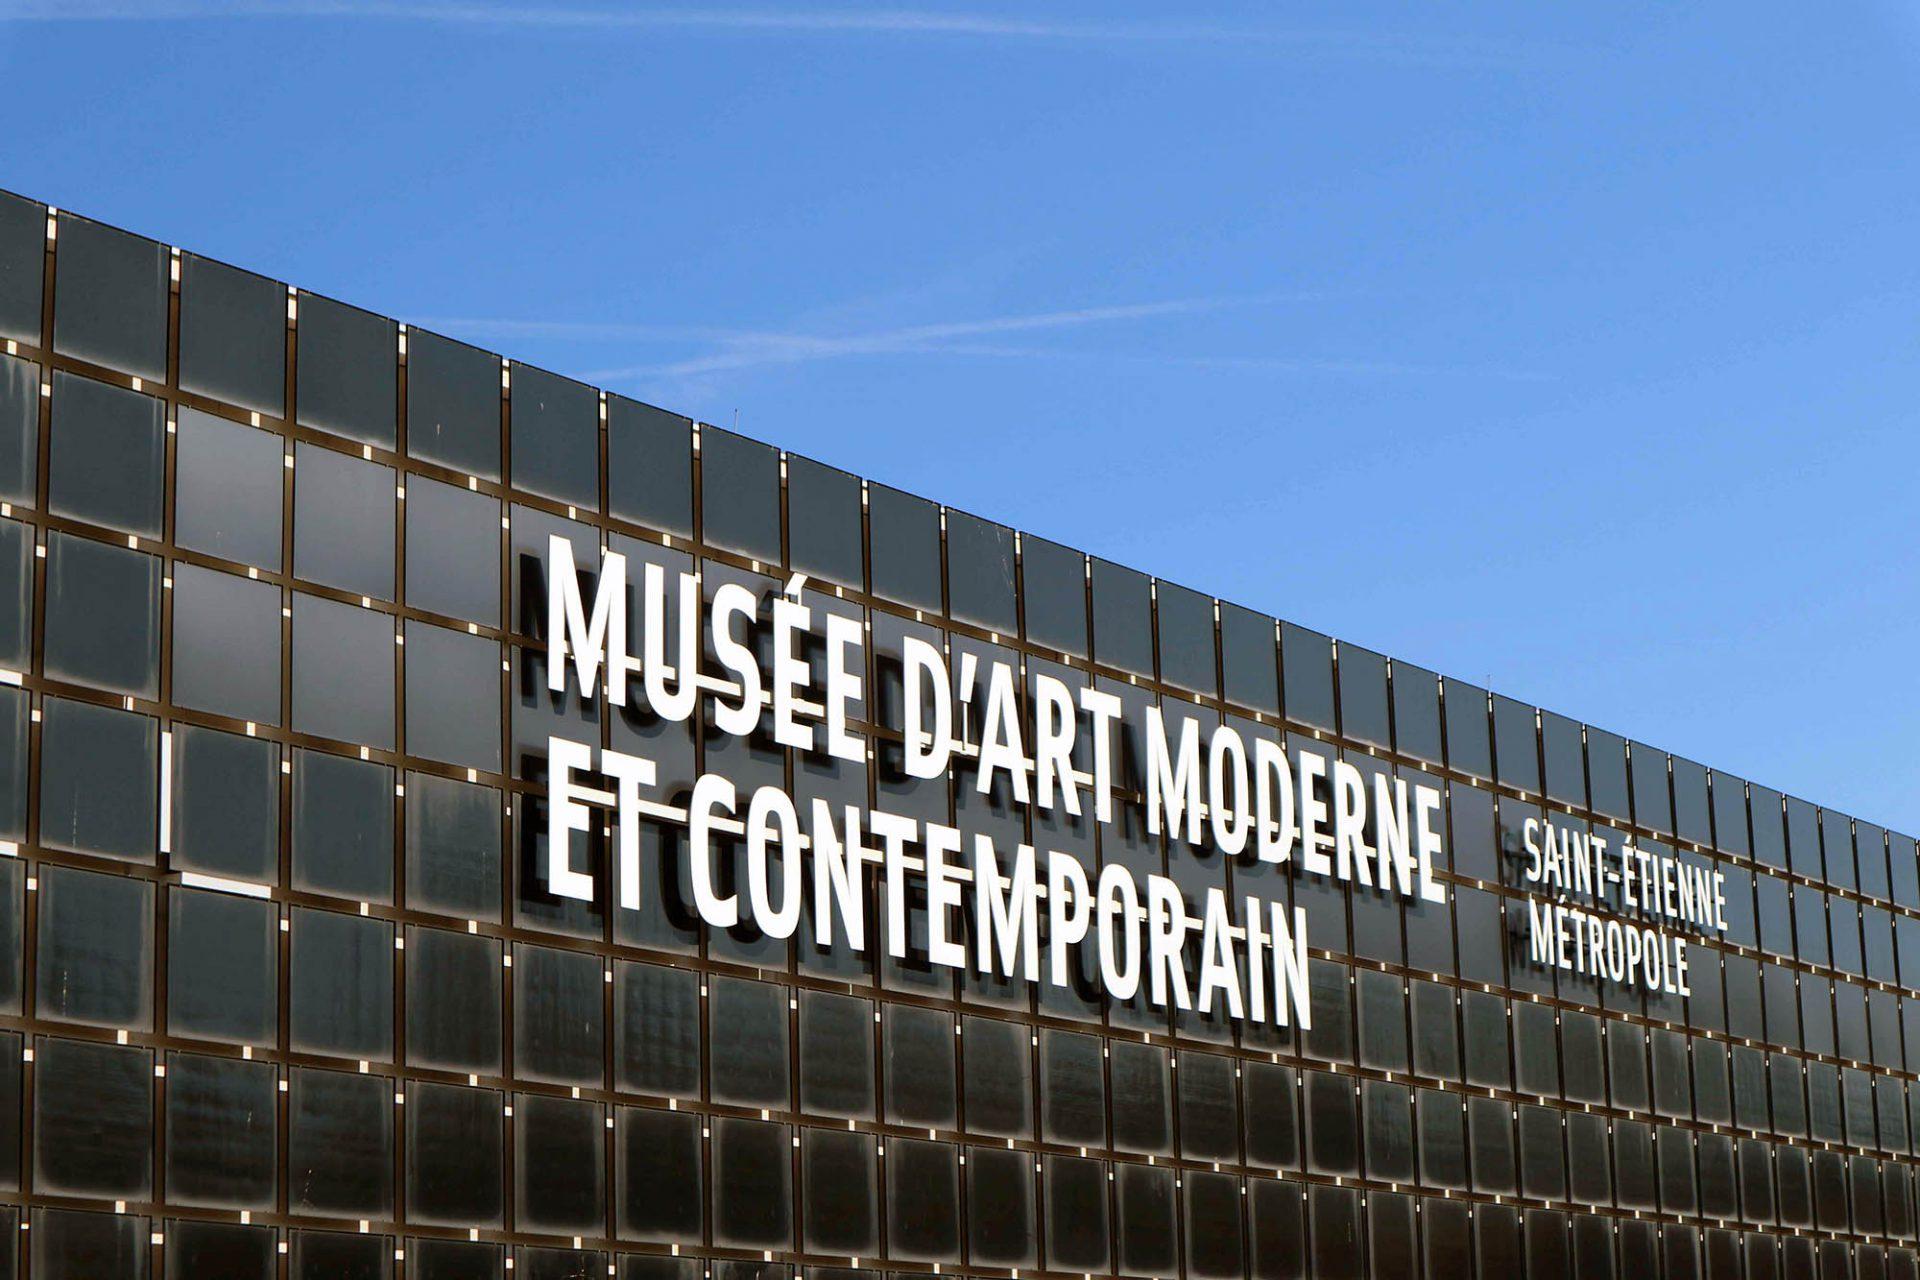 Musée d'art moderne et contemporain.  Das Museum für moderne Kunst von Didier Guichard zeigt sich nach außen nüchtern schwarz.